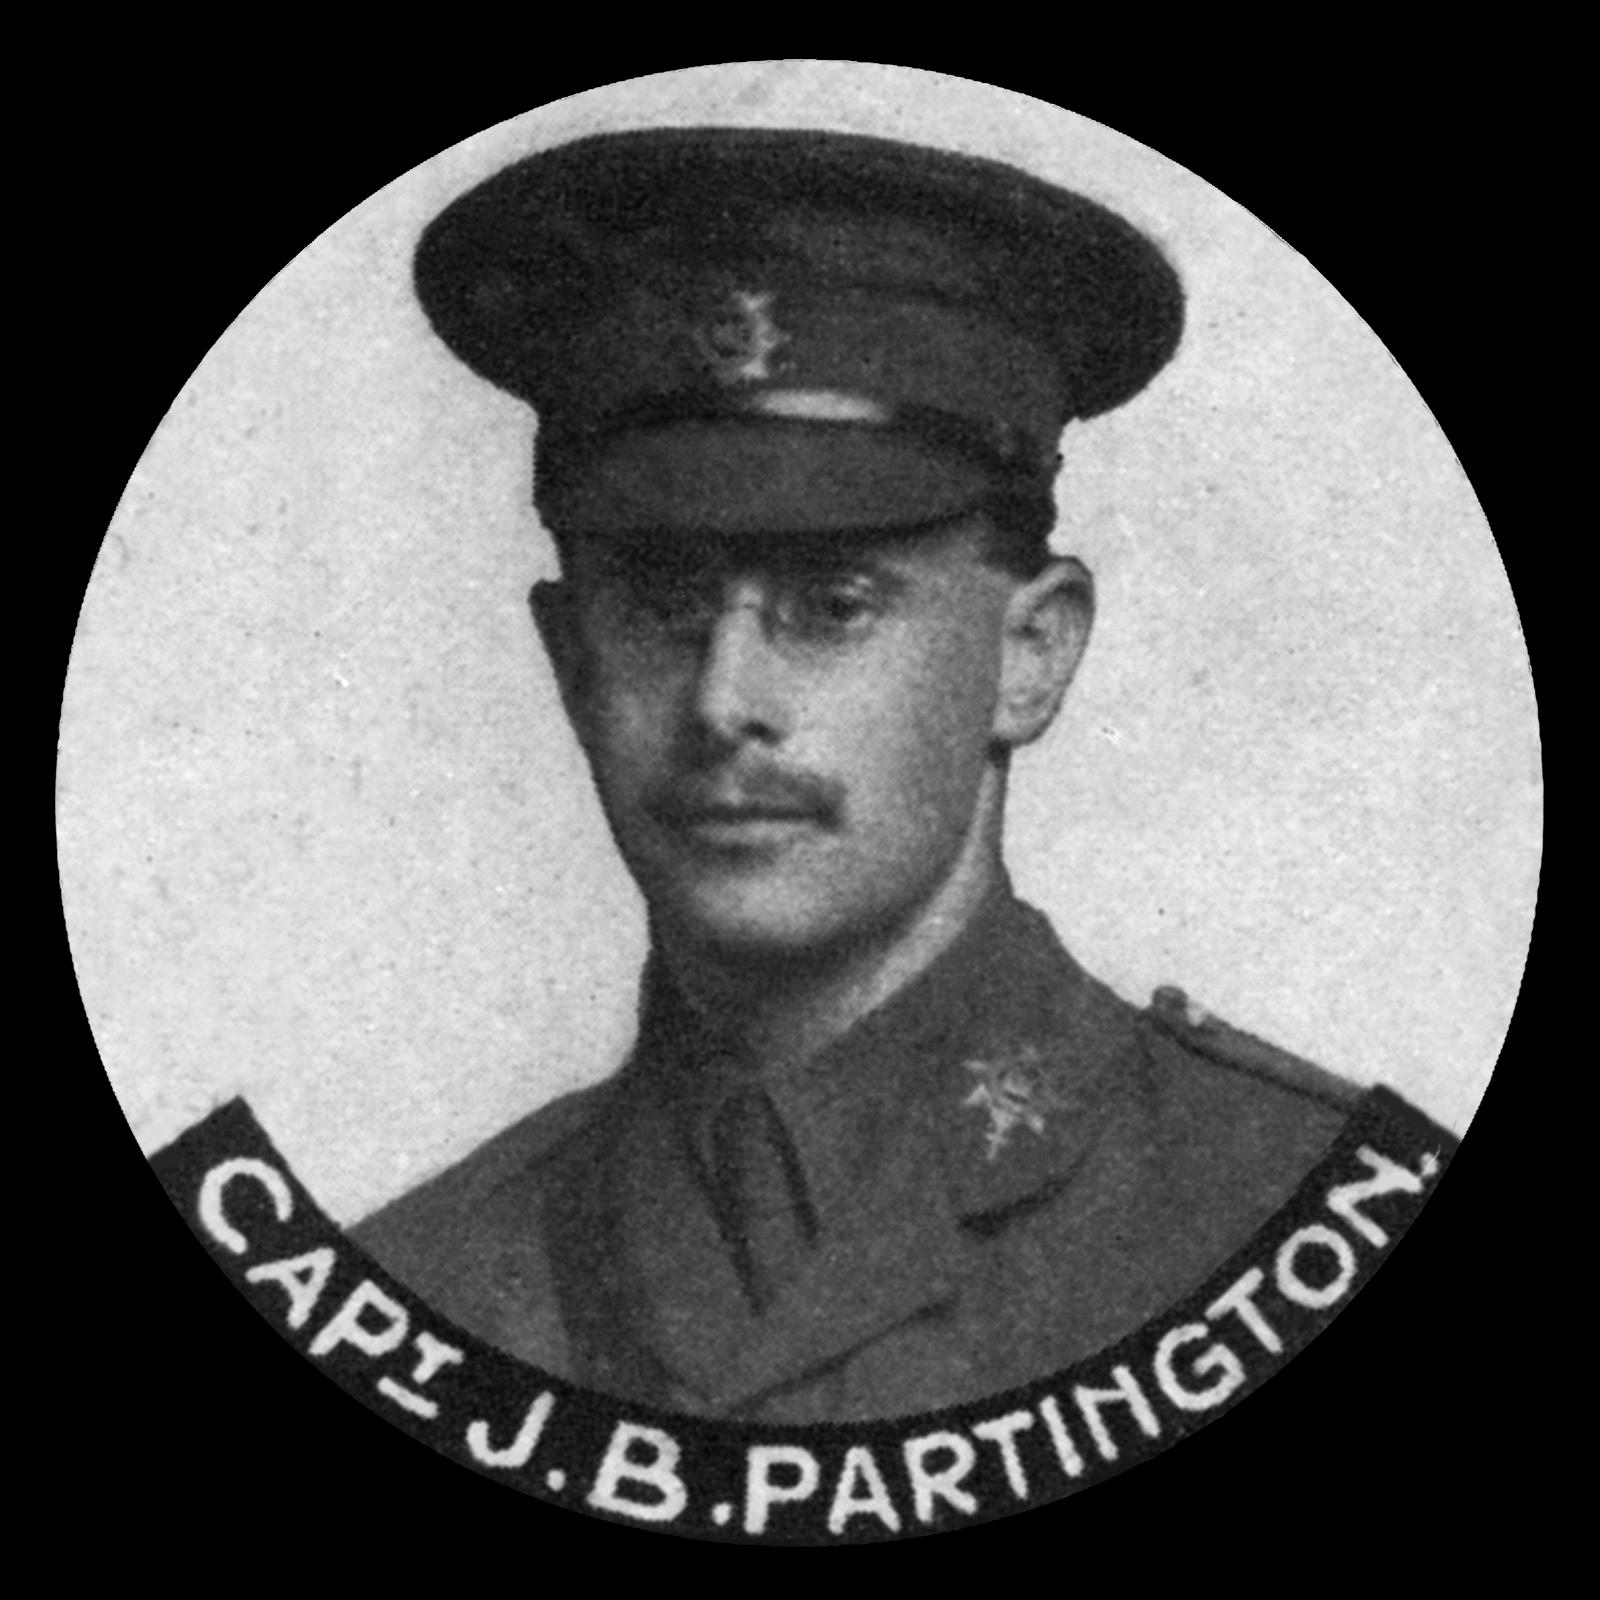 PARTINGTON John Bertram